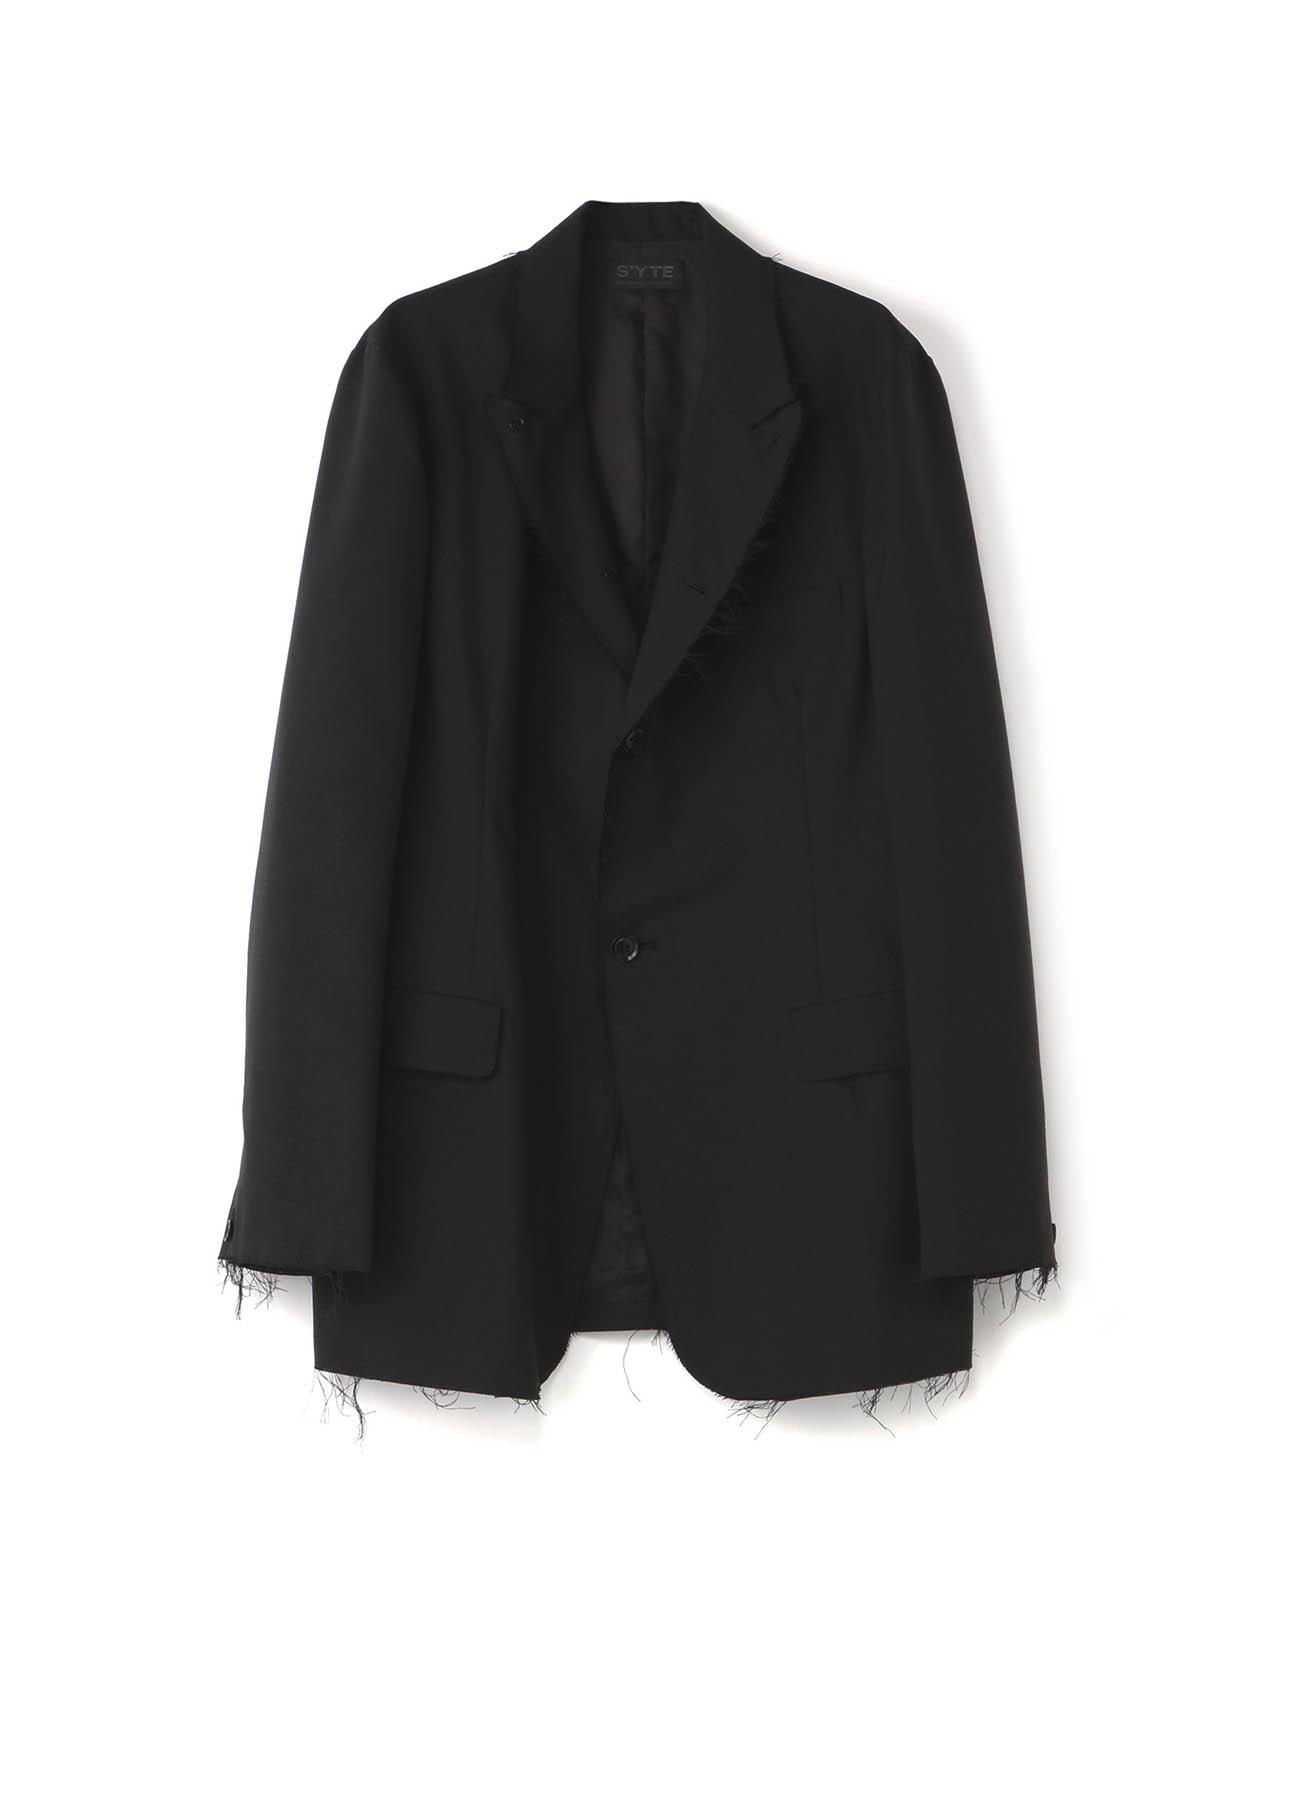 T / W热带镂空翻领夹克